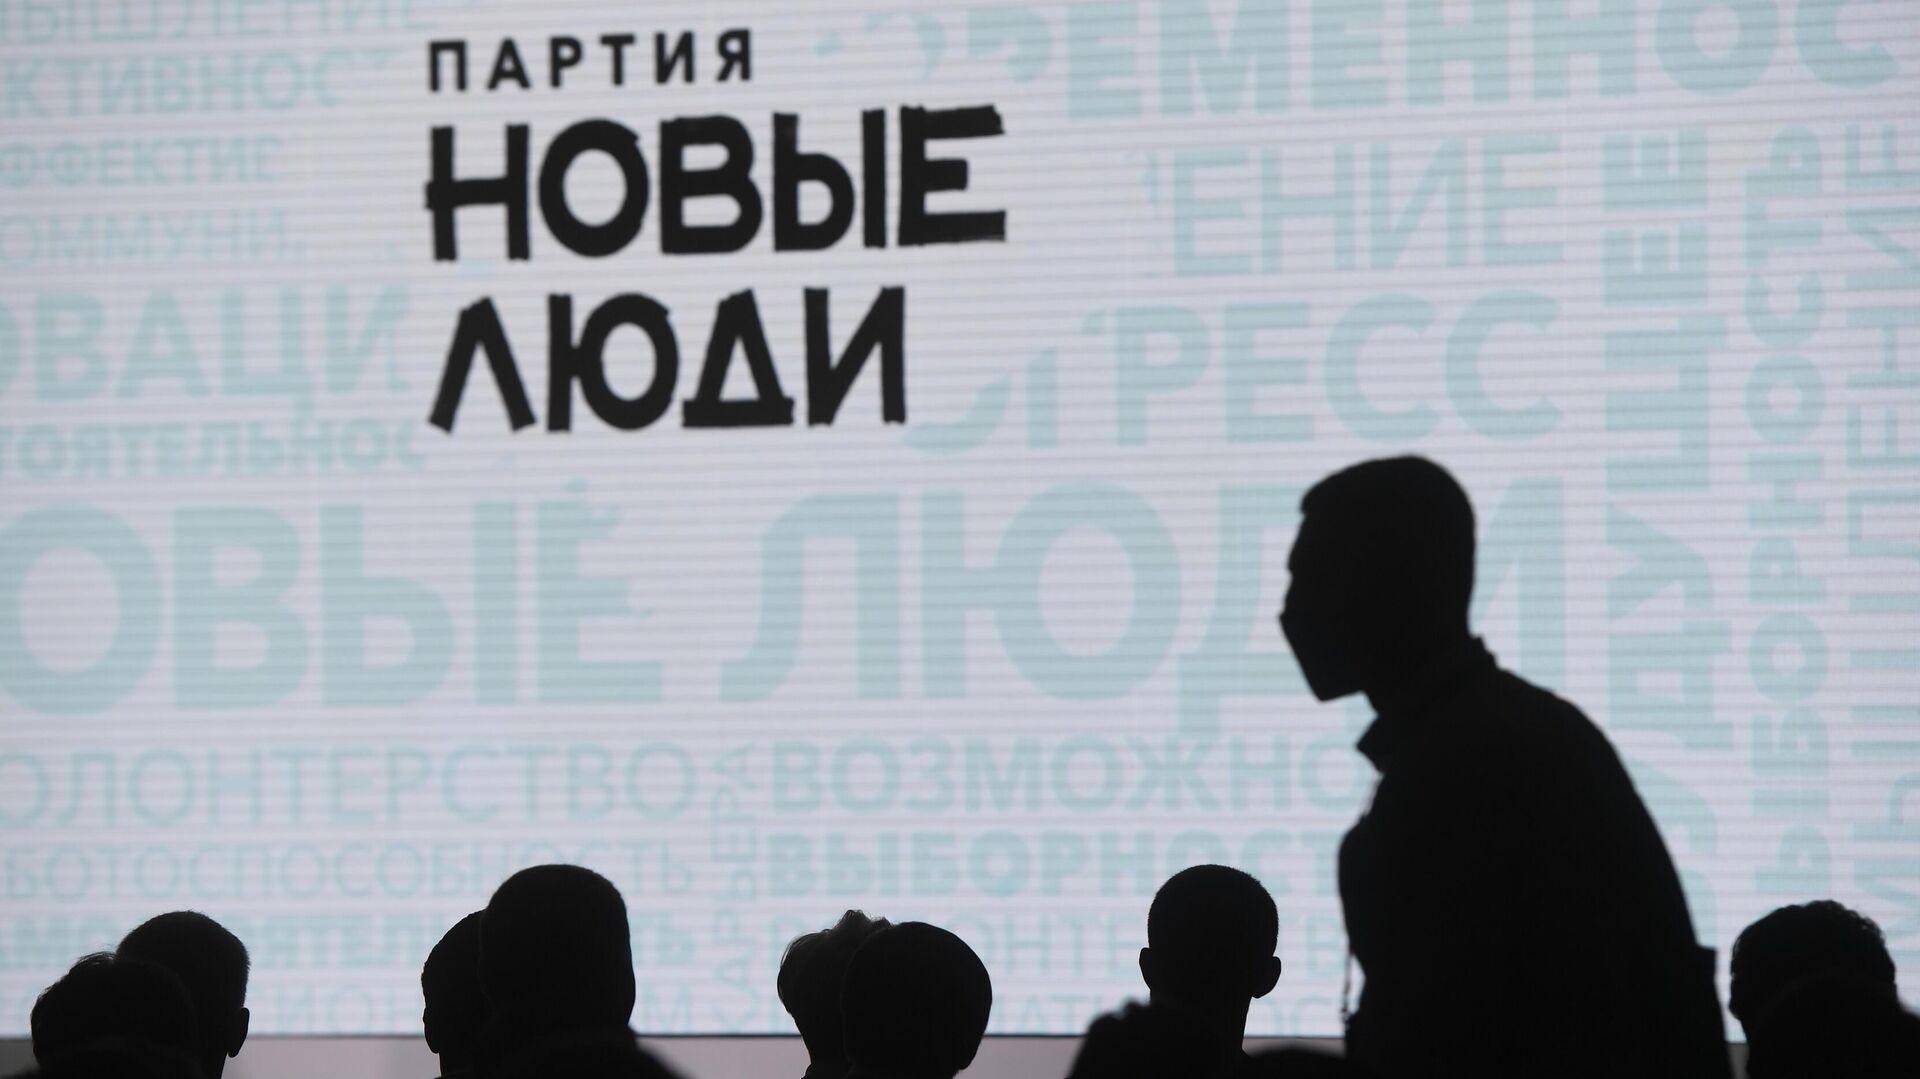 """Певцов и координатор """"Лизы Алерт"""" Леонов войдут во фракцию """"Новых людей"""""""